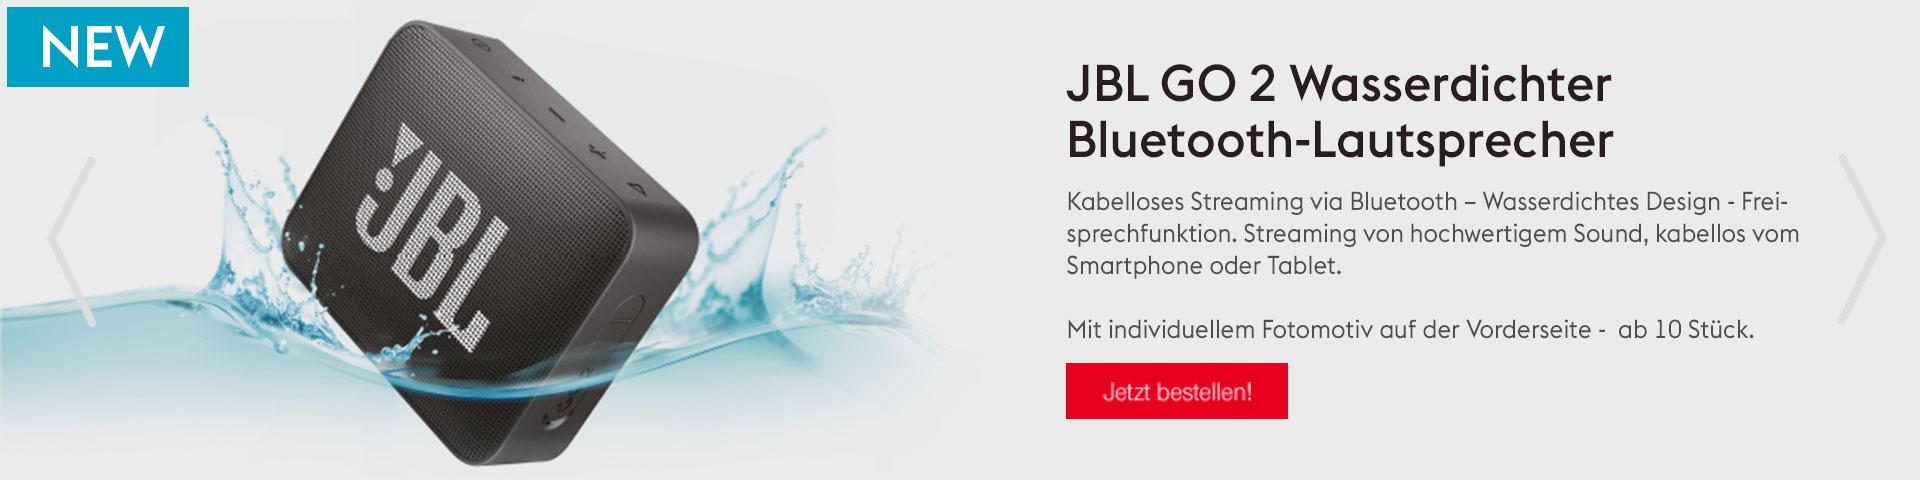 JBL GO 2 Wasserdichtet Bluetooth-Lautsprecher